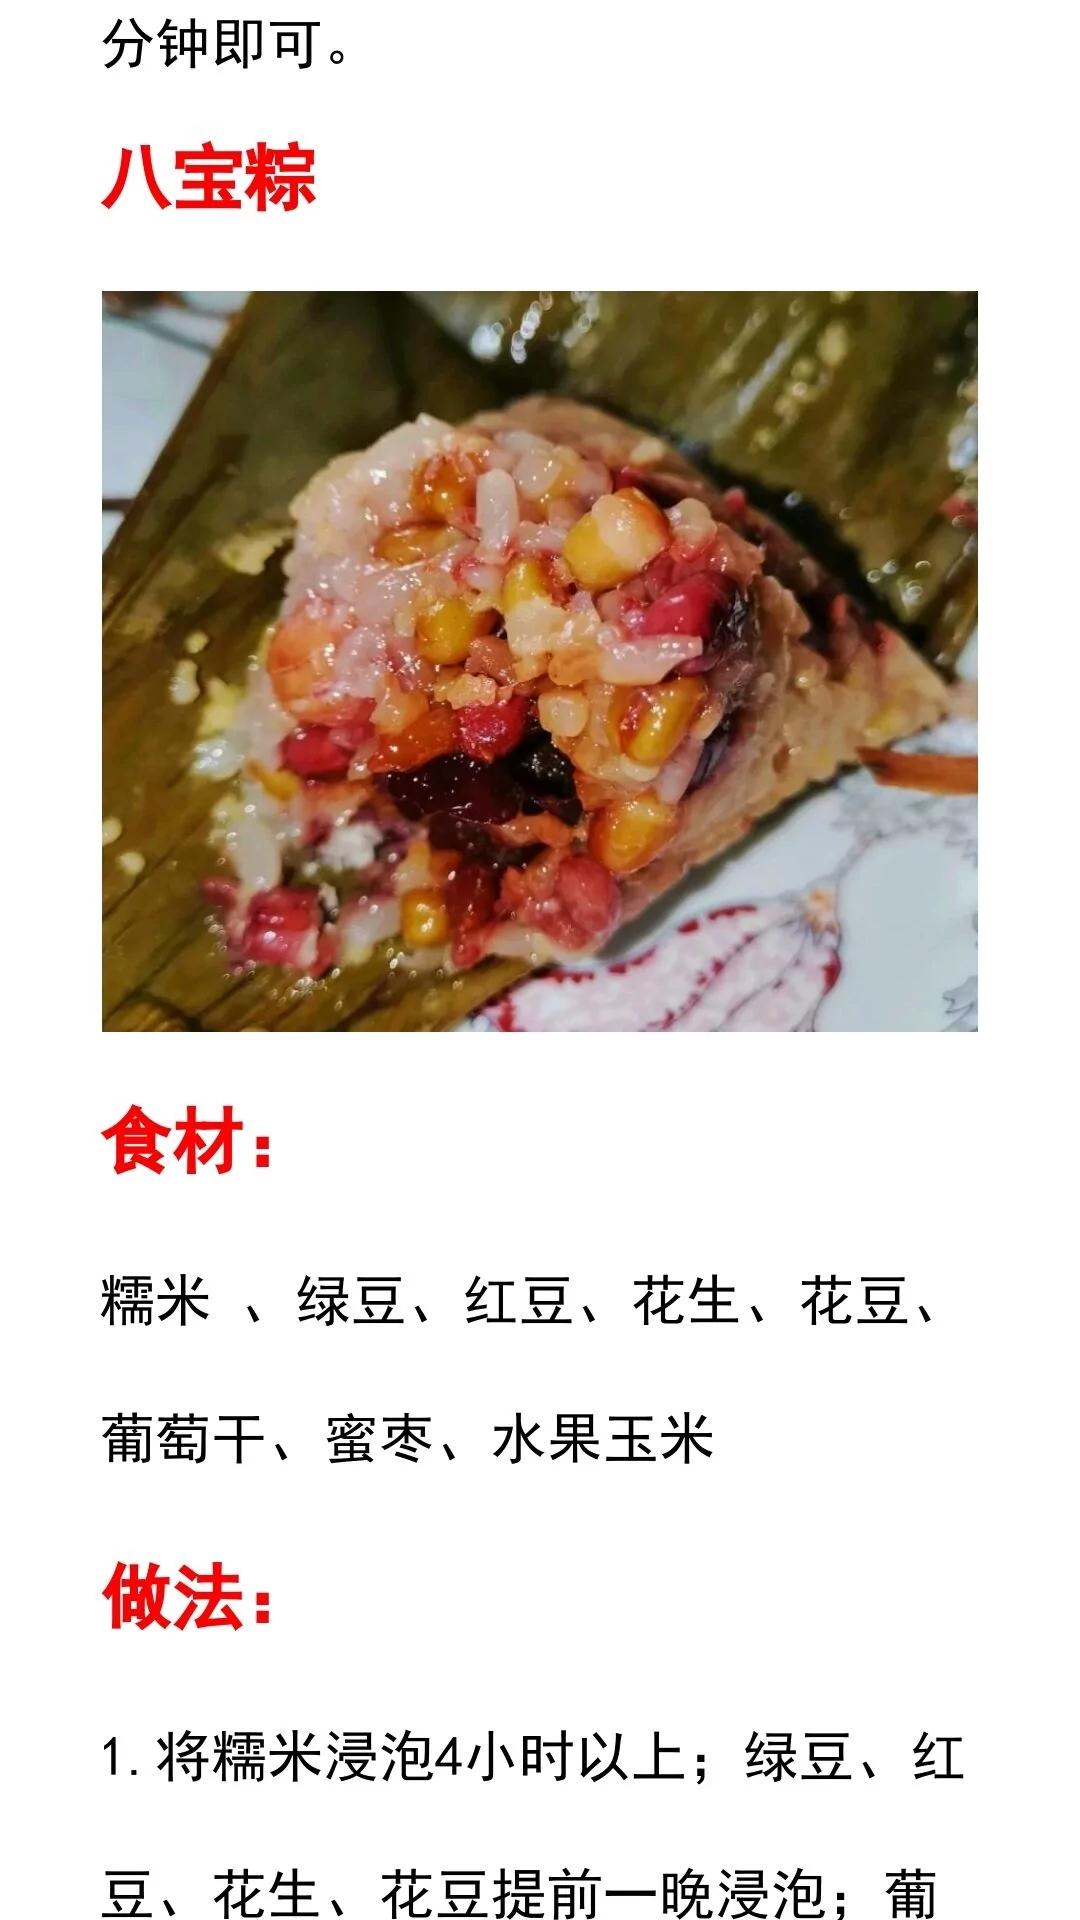 10种粽子的做法及配料!粽子馅种类大全!端午节粽子制作方法教程 美食做法 第7张